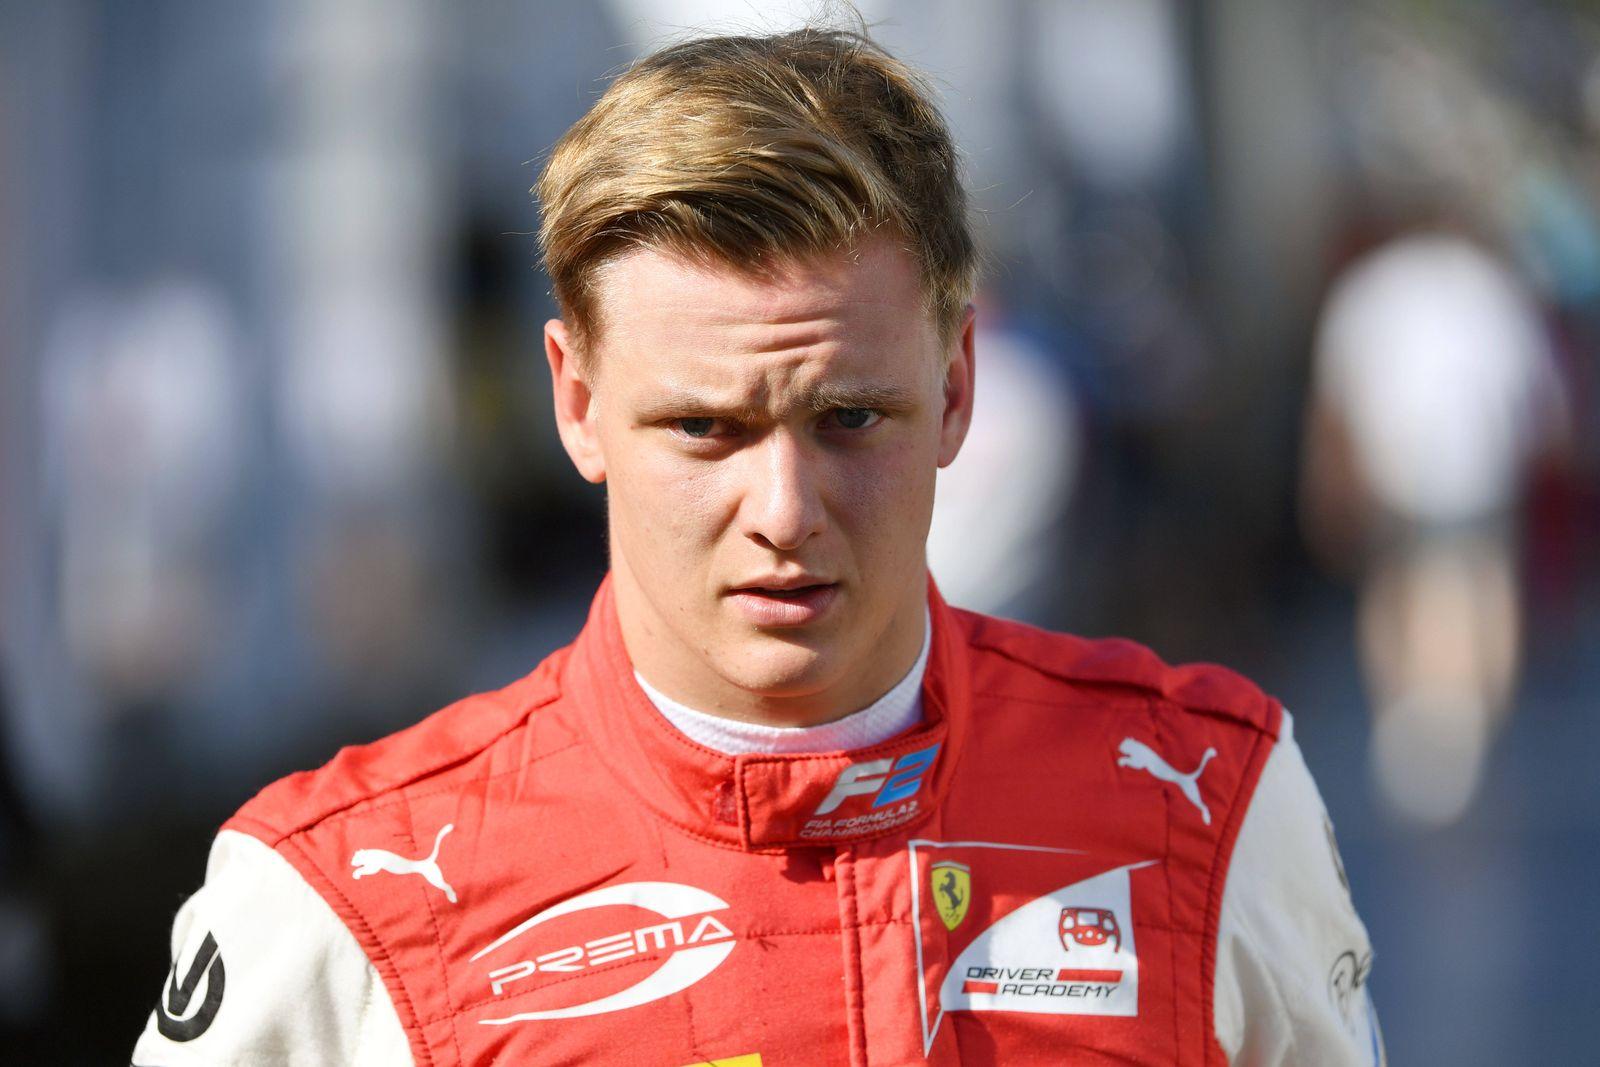 Mick Schumacher faehrt ab 2021 in der Formel 1 fuer das Team Haas. Archivfoto; Mick SCHUMACHER (Prema Racing),Formel 2,